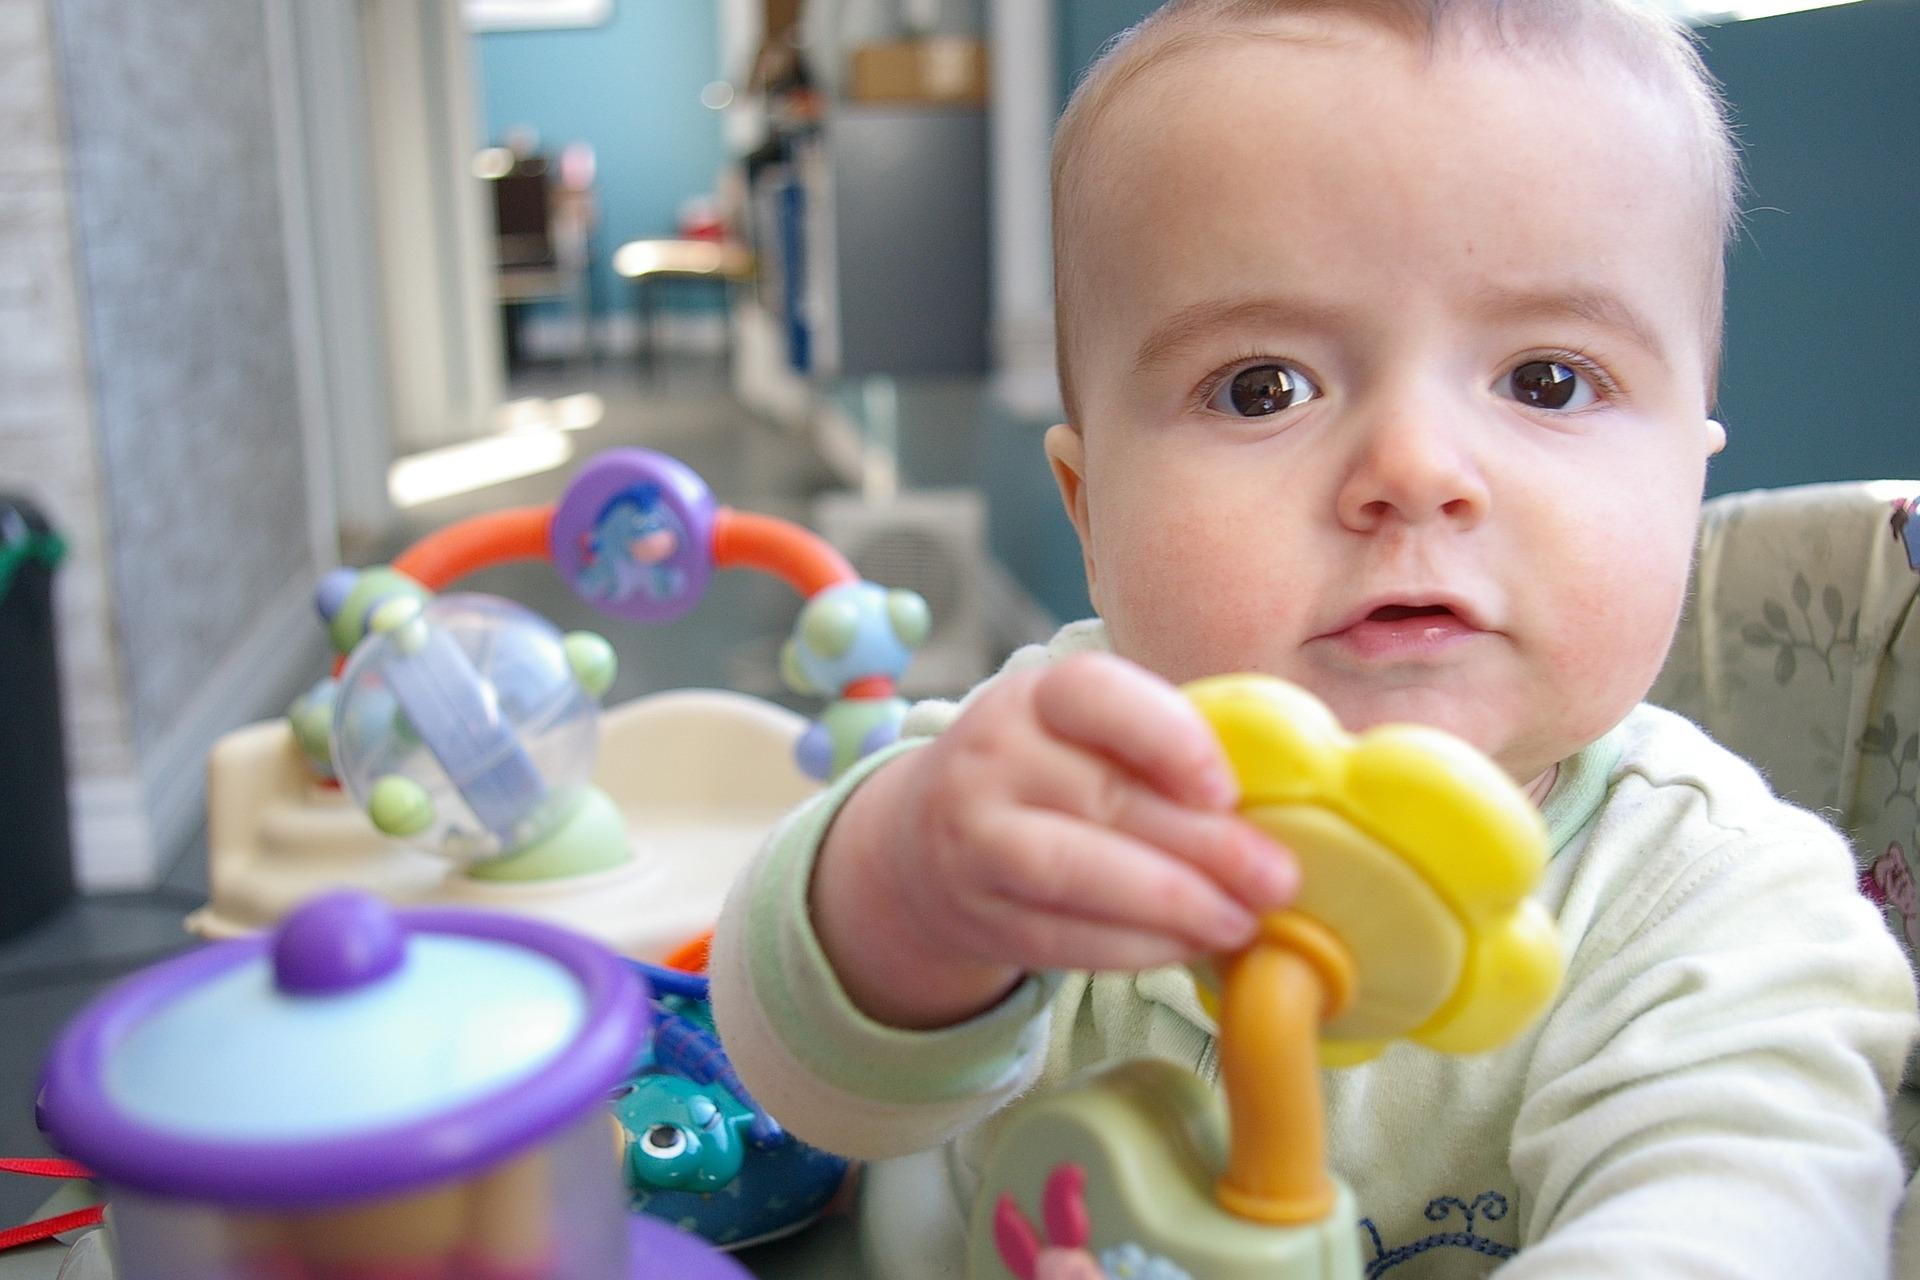 Tout ce qu'il faut savoir sur l'éveil de bébé